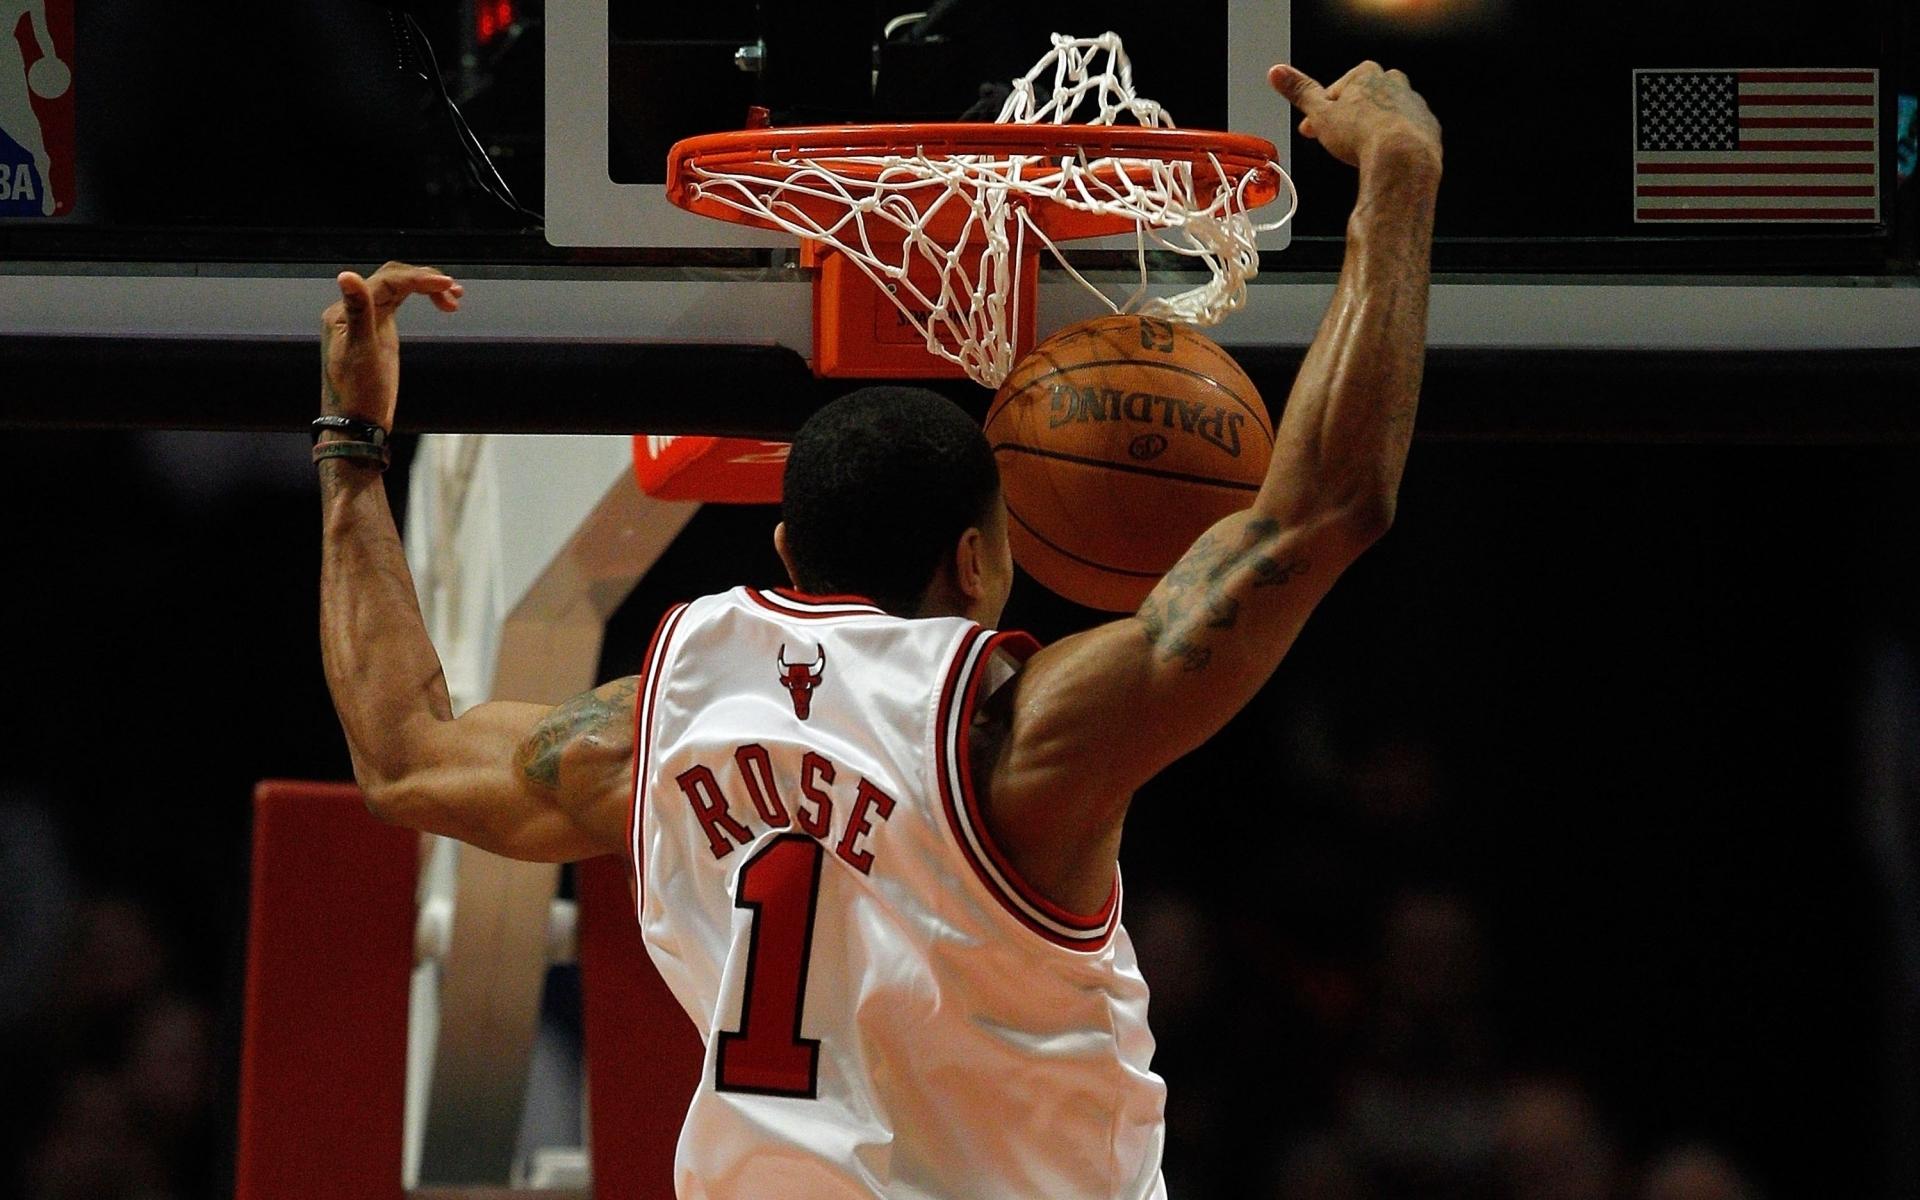 derrick rose wallpaper dunk - photo #23